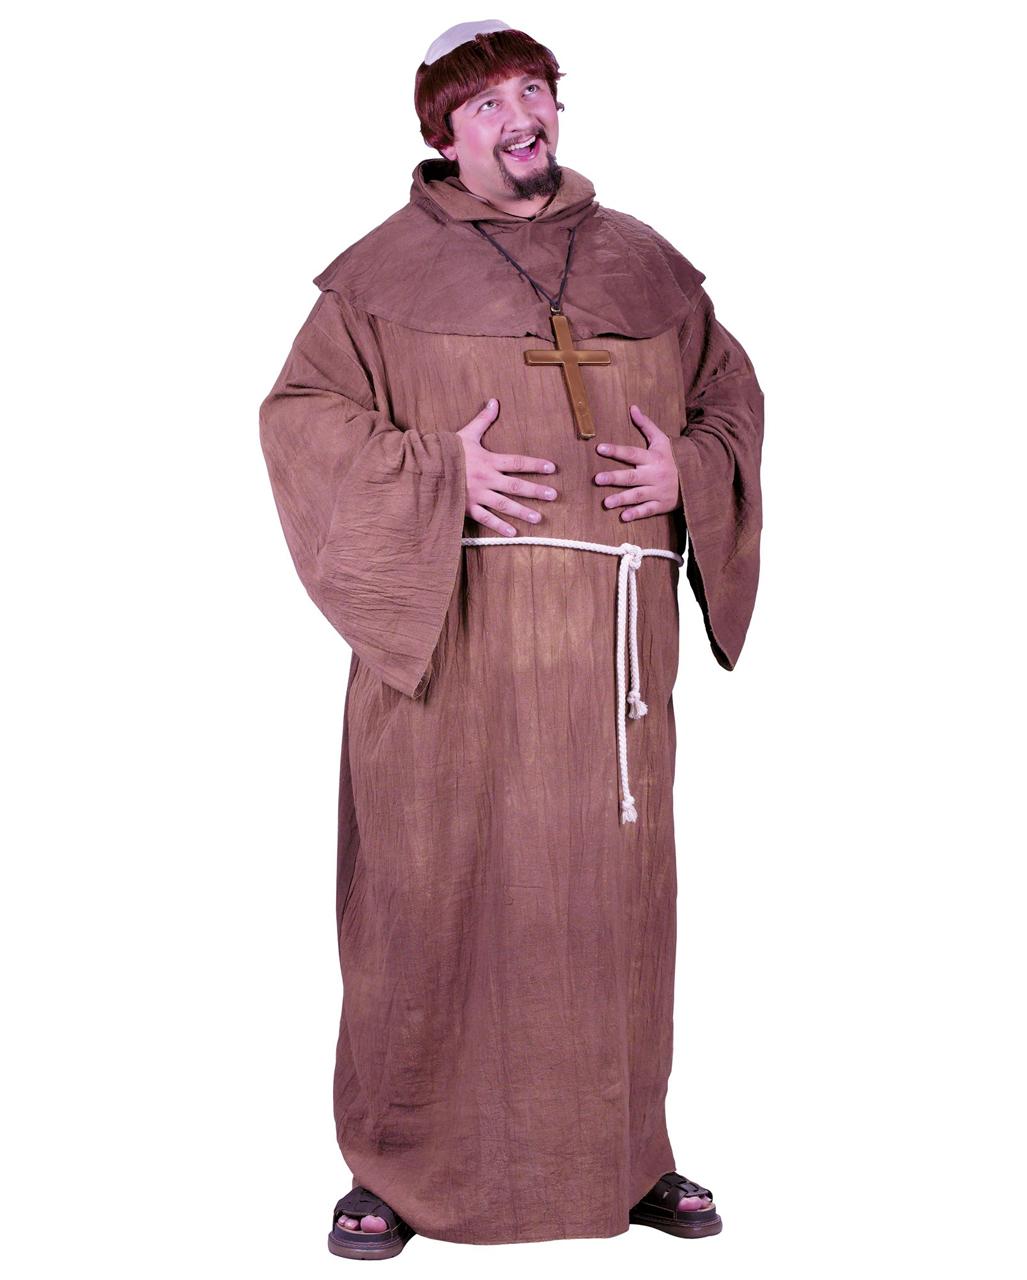 Friar Mutter zur Gewichtsreduktion